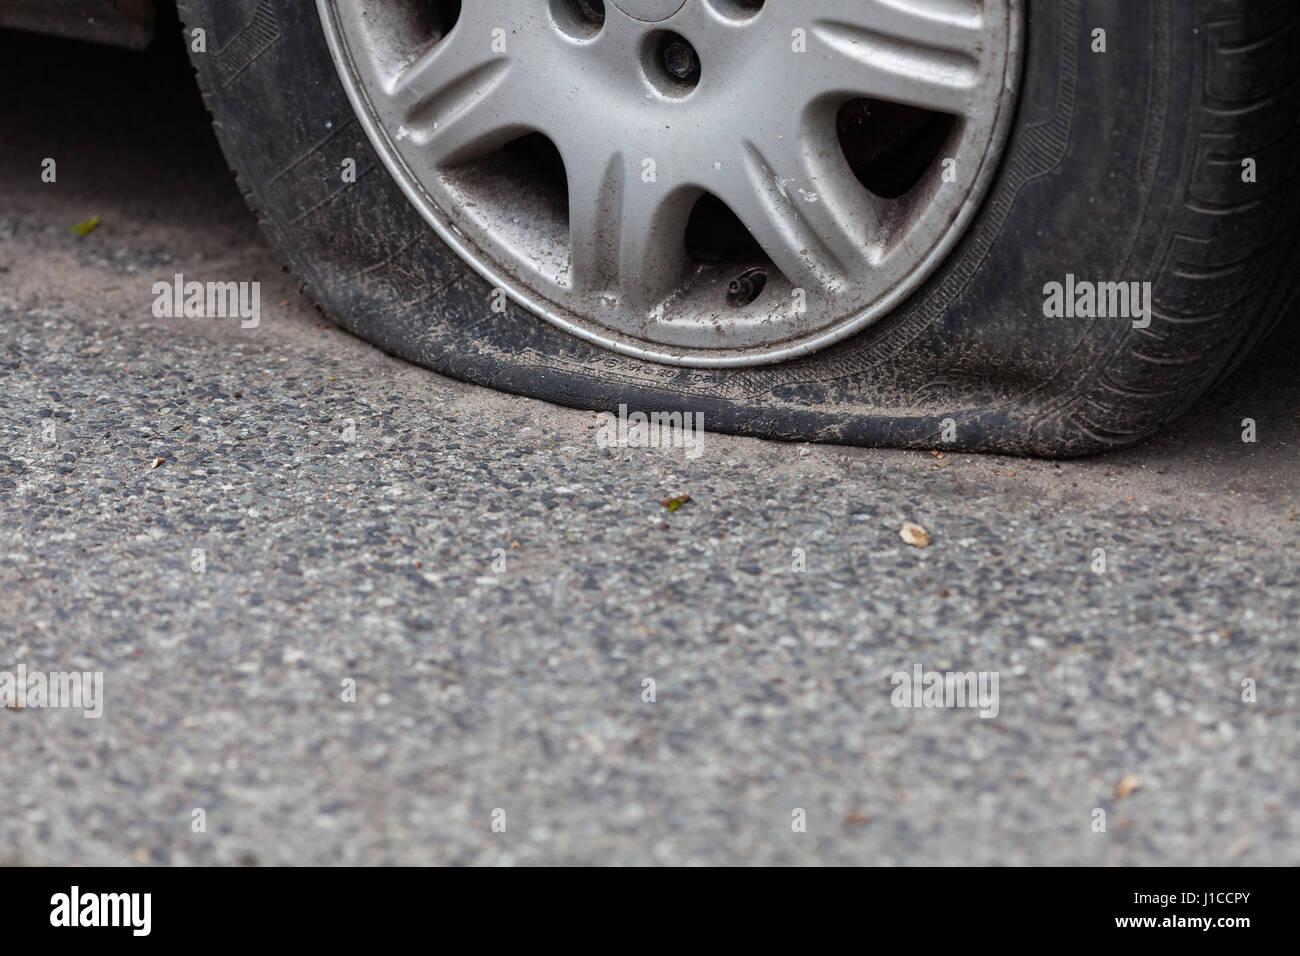 Platter Reifen auf der Straße Stockfotografie - Alamy